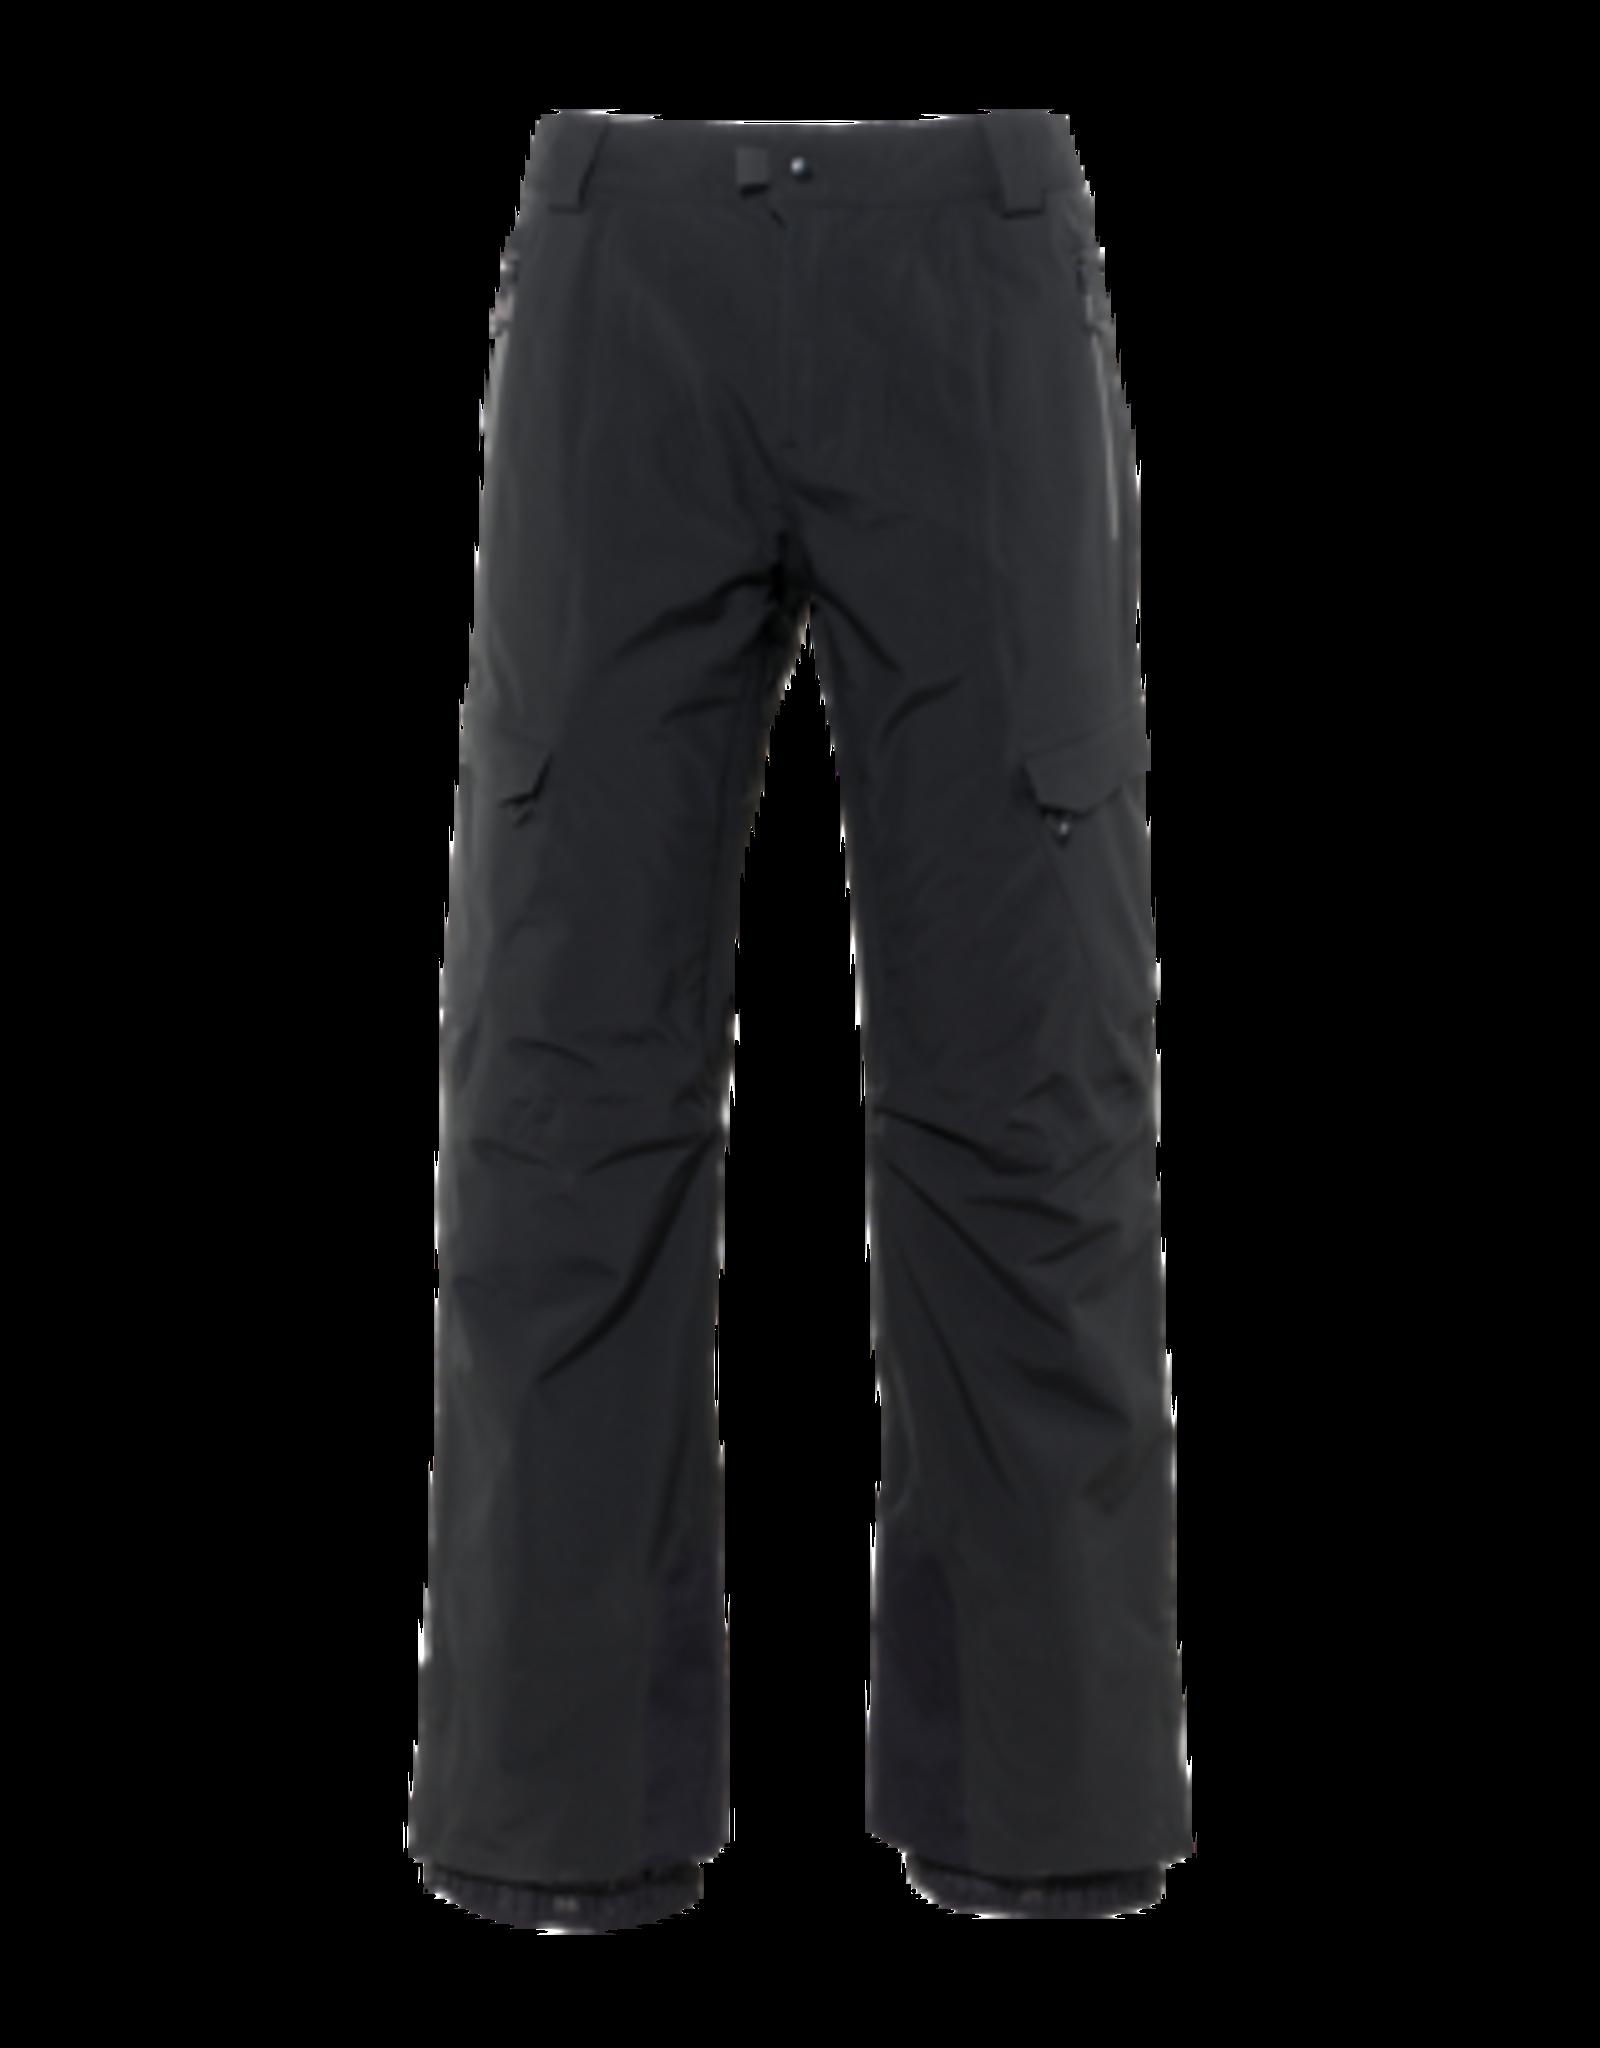 686 Men's Standard Shell Pant